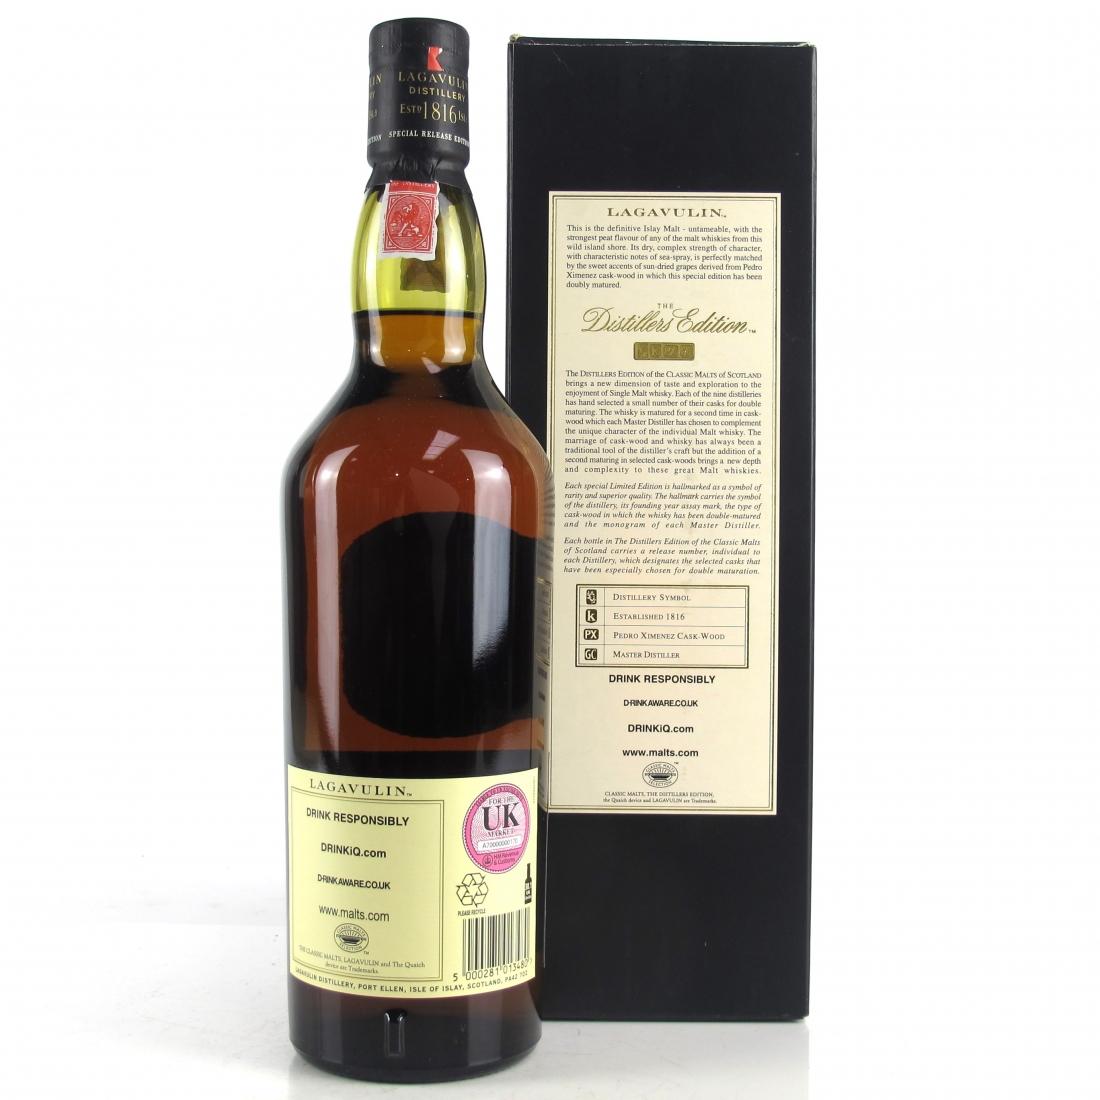 Lagavulin 1995 Distillers Edition